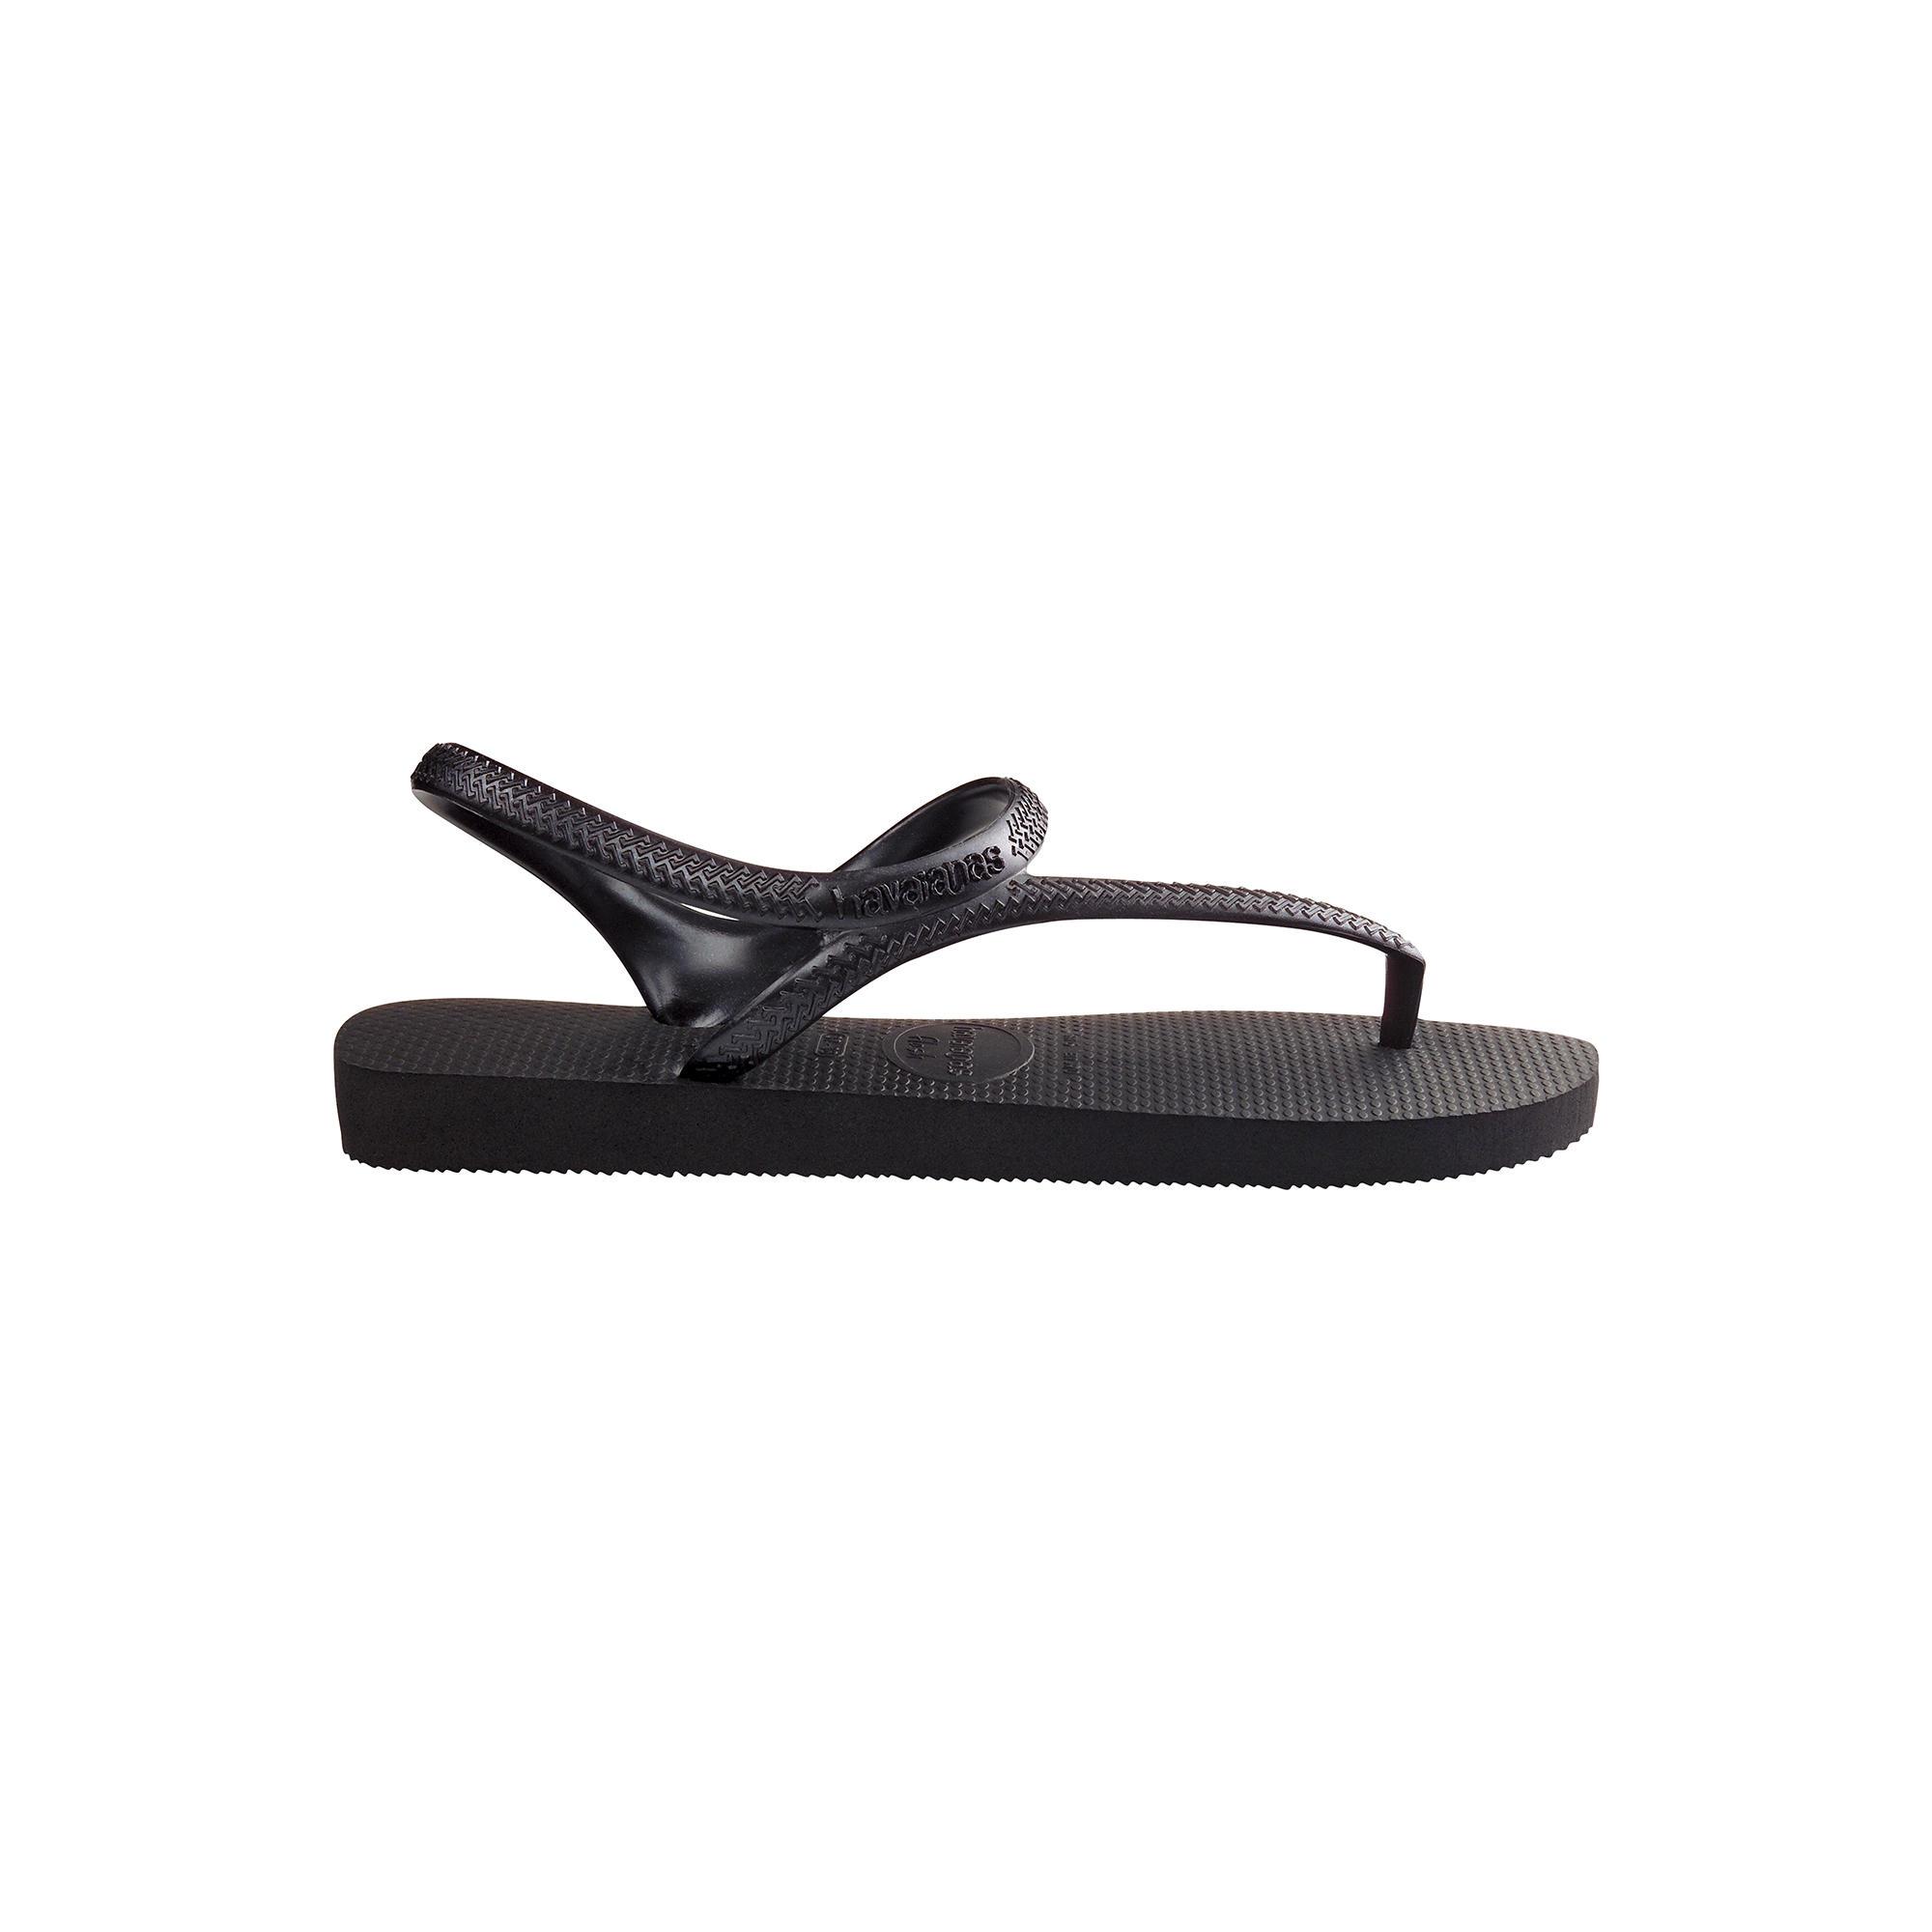 Papuci HAVAIANAS FLASH URBAN imagine produs